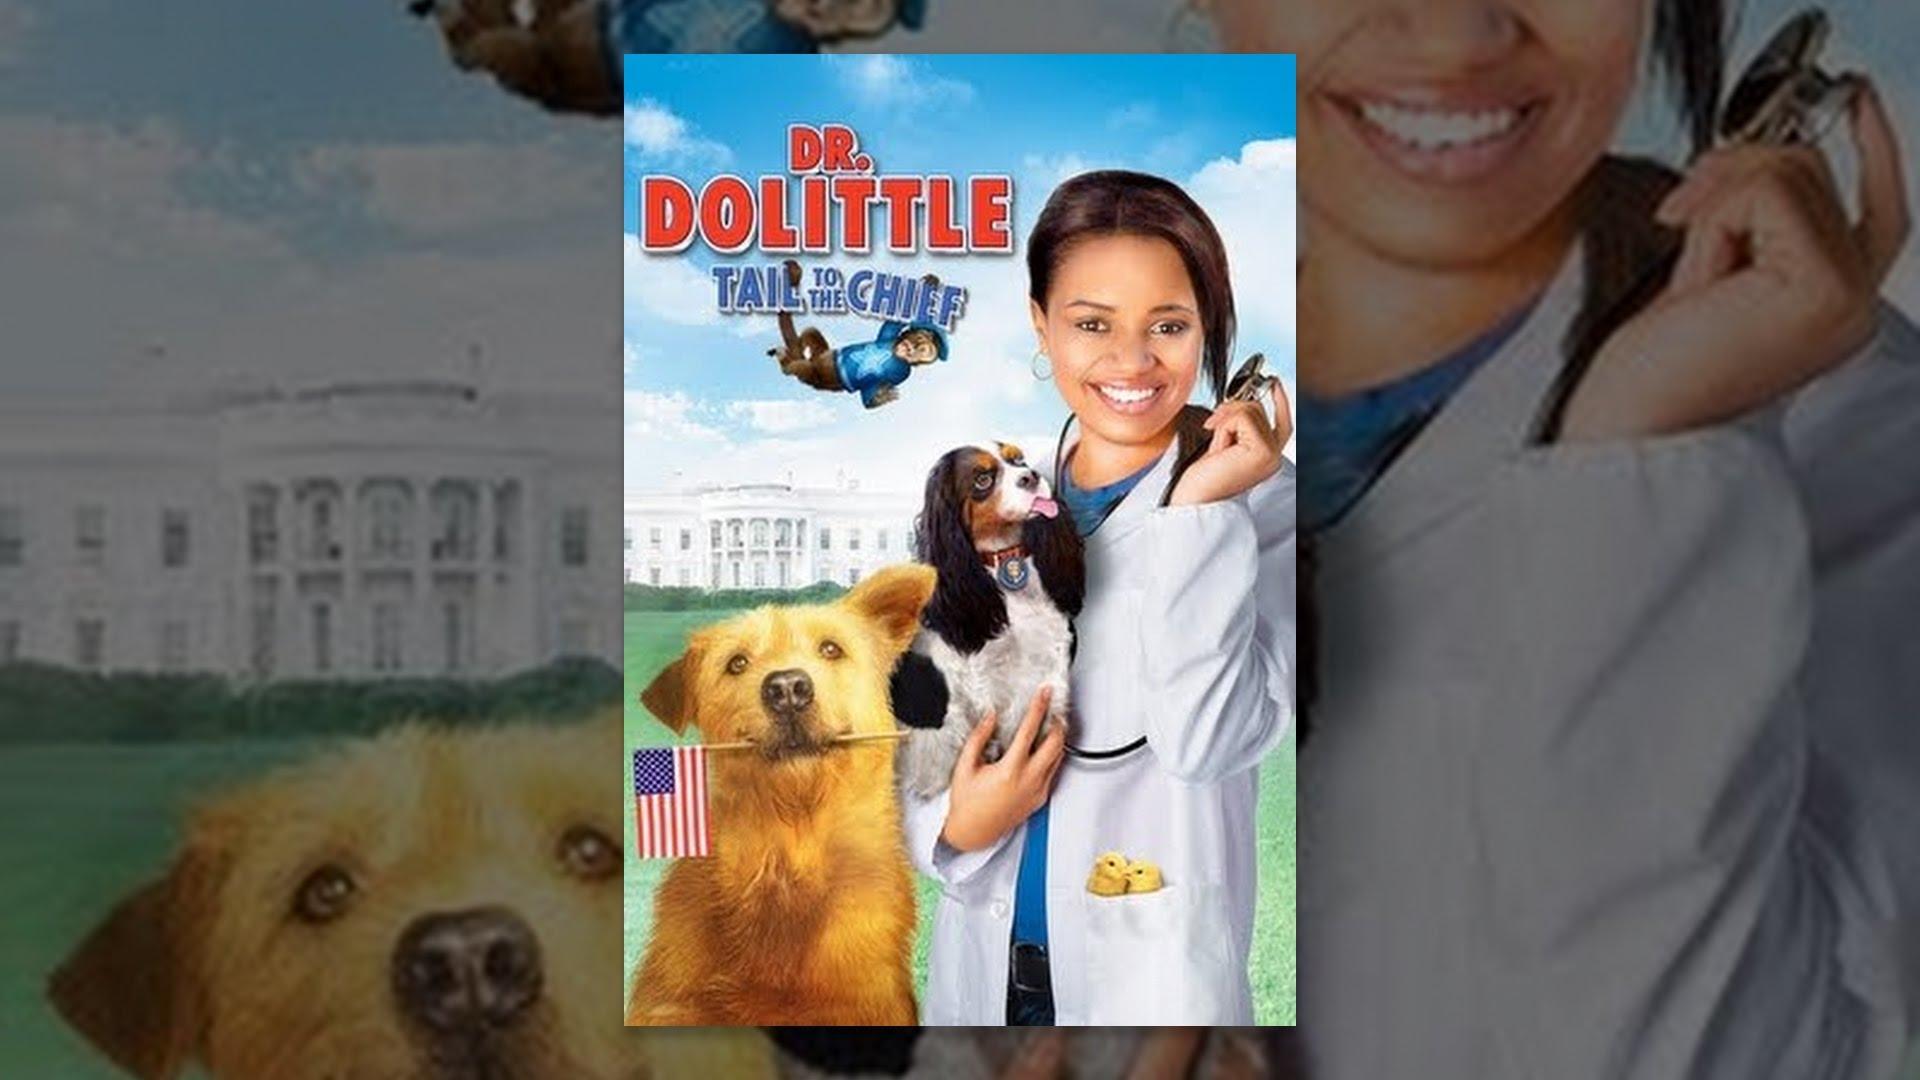 dolittle - photo #9